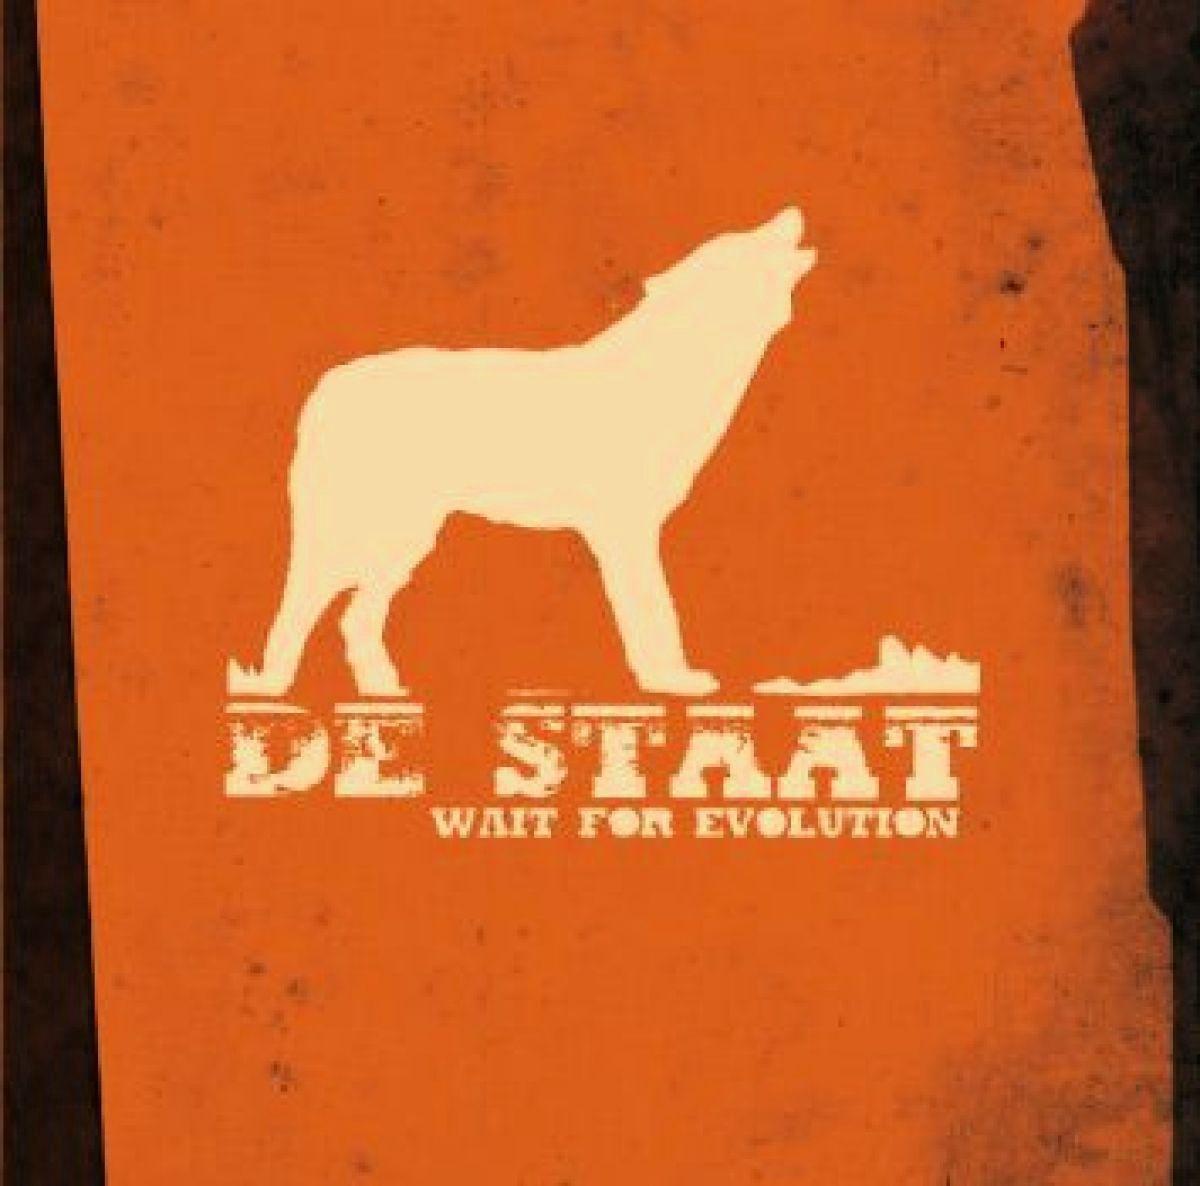 Wait For Evolution - De Staat